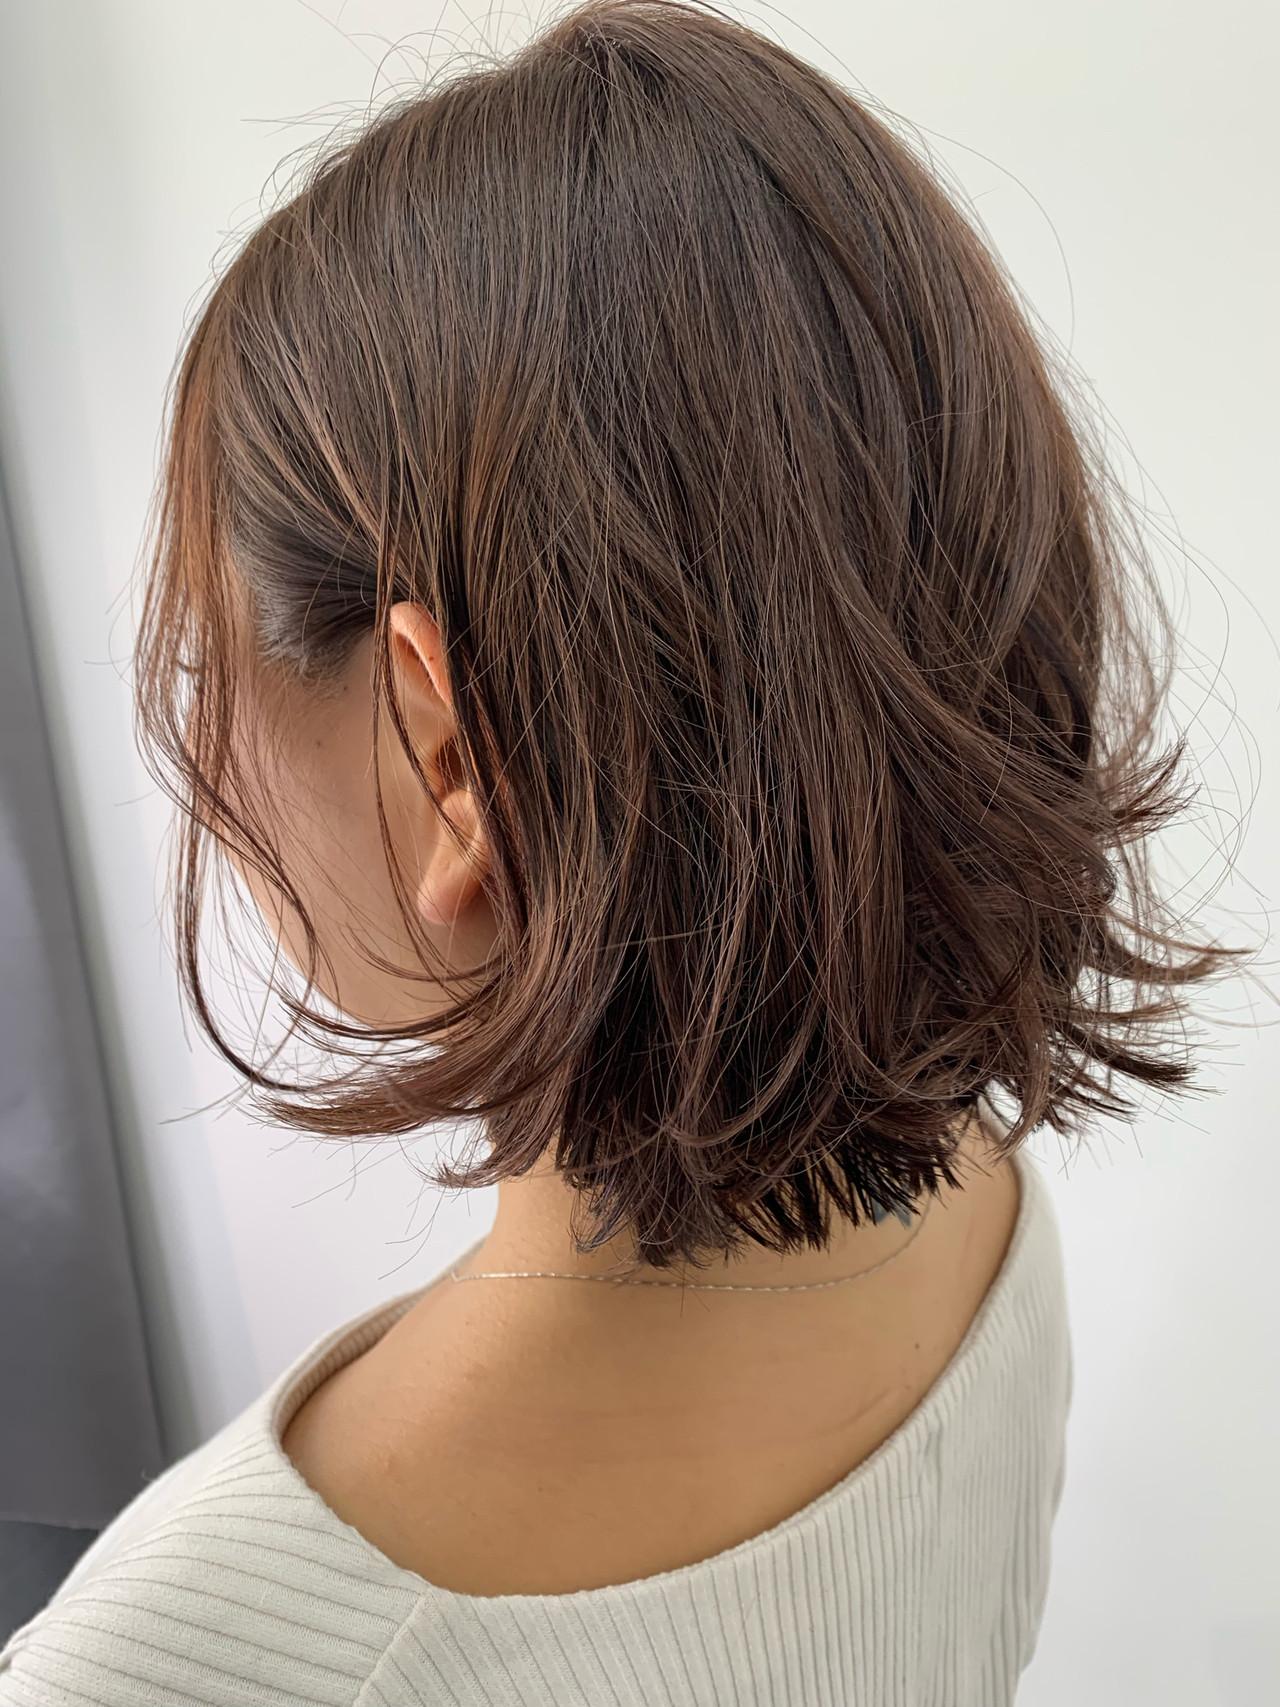 ナチュラル ハイライト ミディアム ミディアムレイヤー ヘアスタイルや髪型の写真・画像